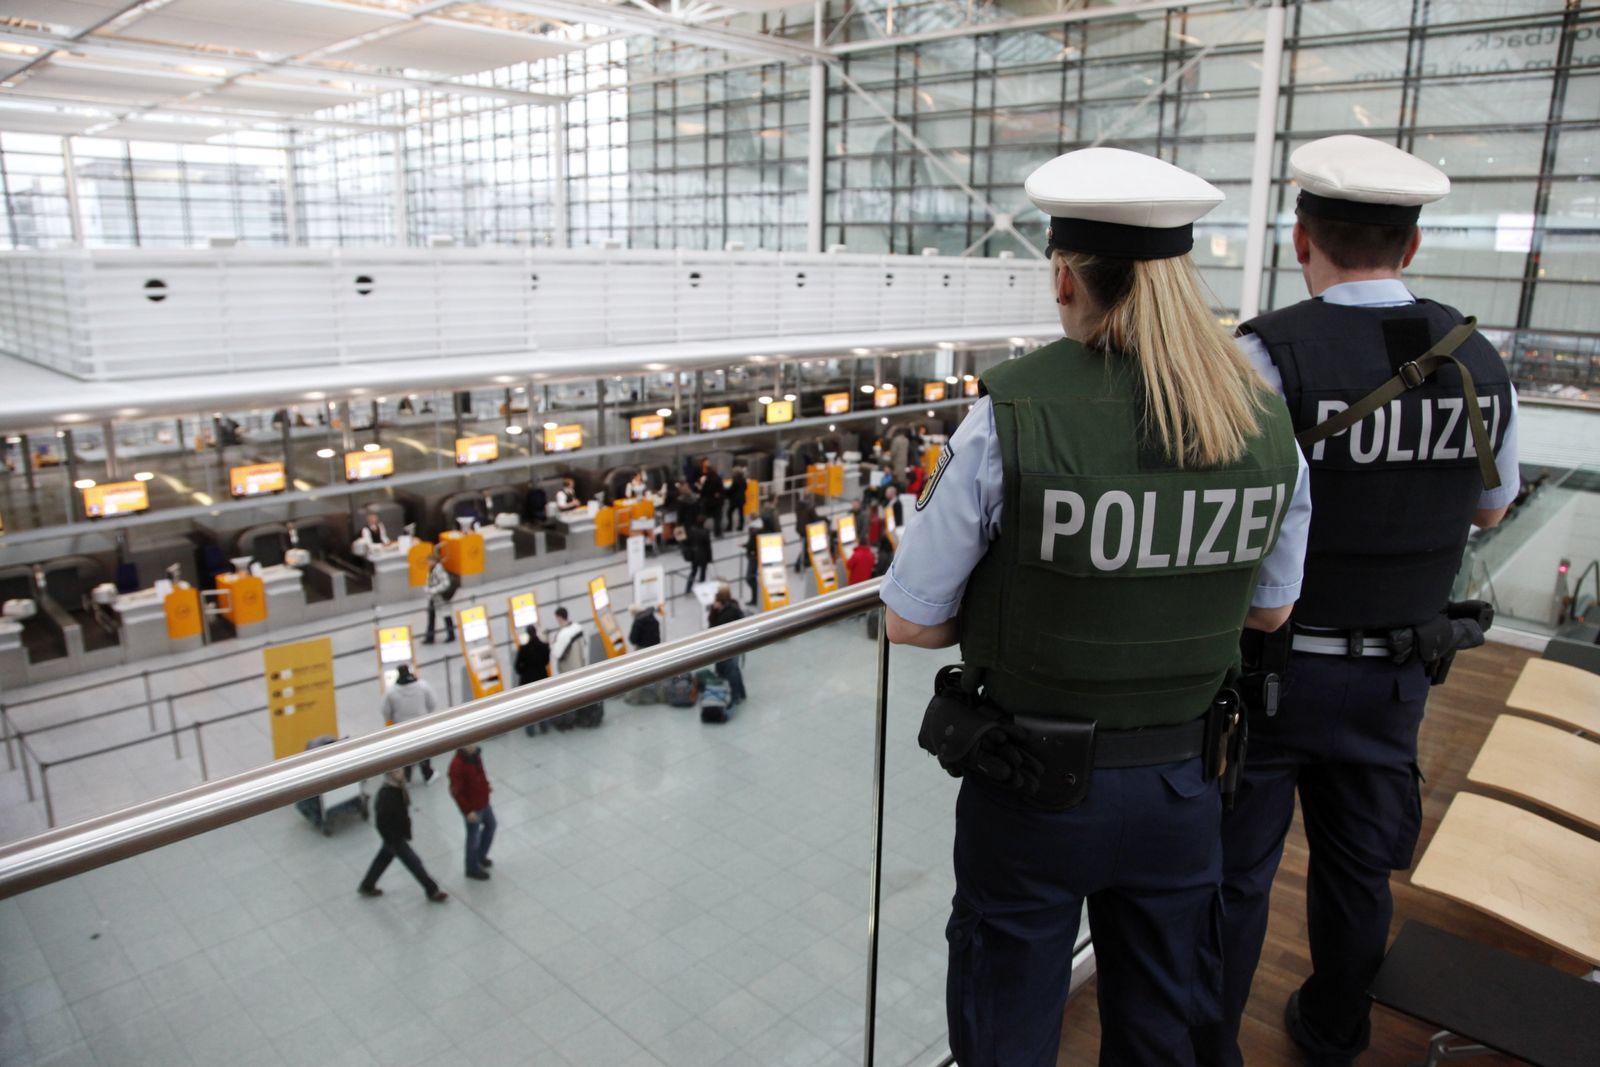 NICHT VERWENDEN Polizei / Flughafen